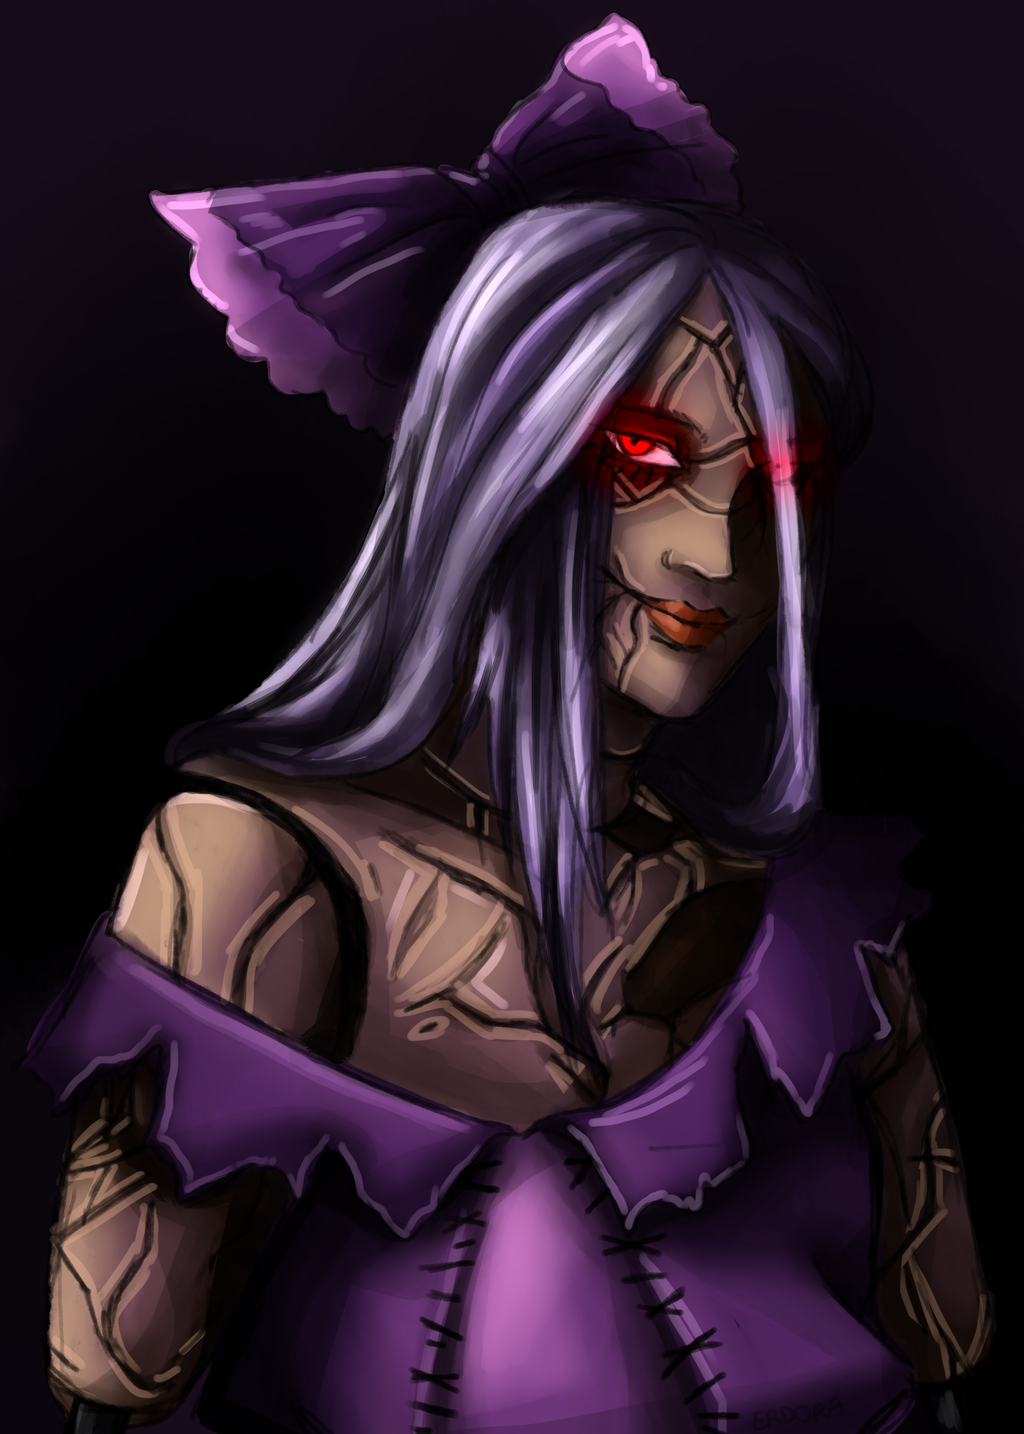 Izanami Dreadful Doll by Erdora